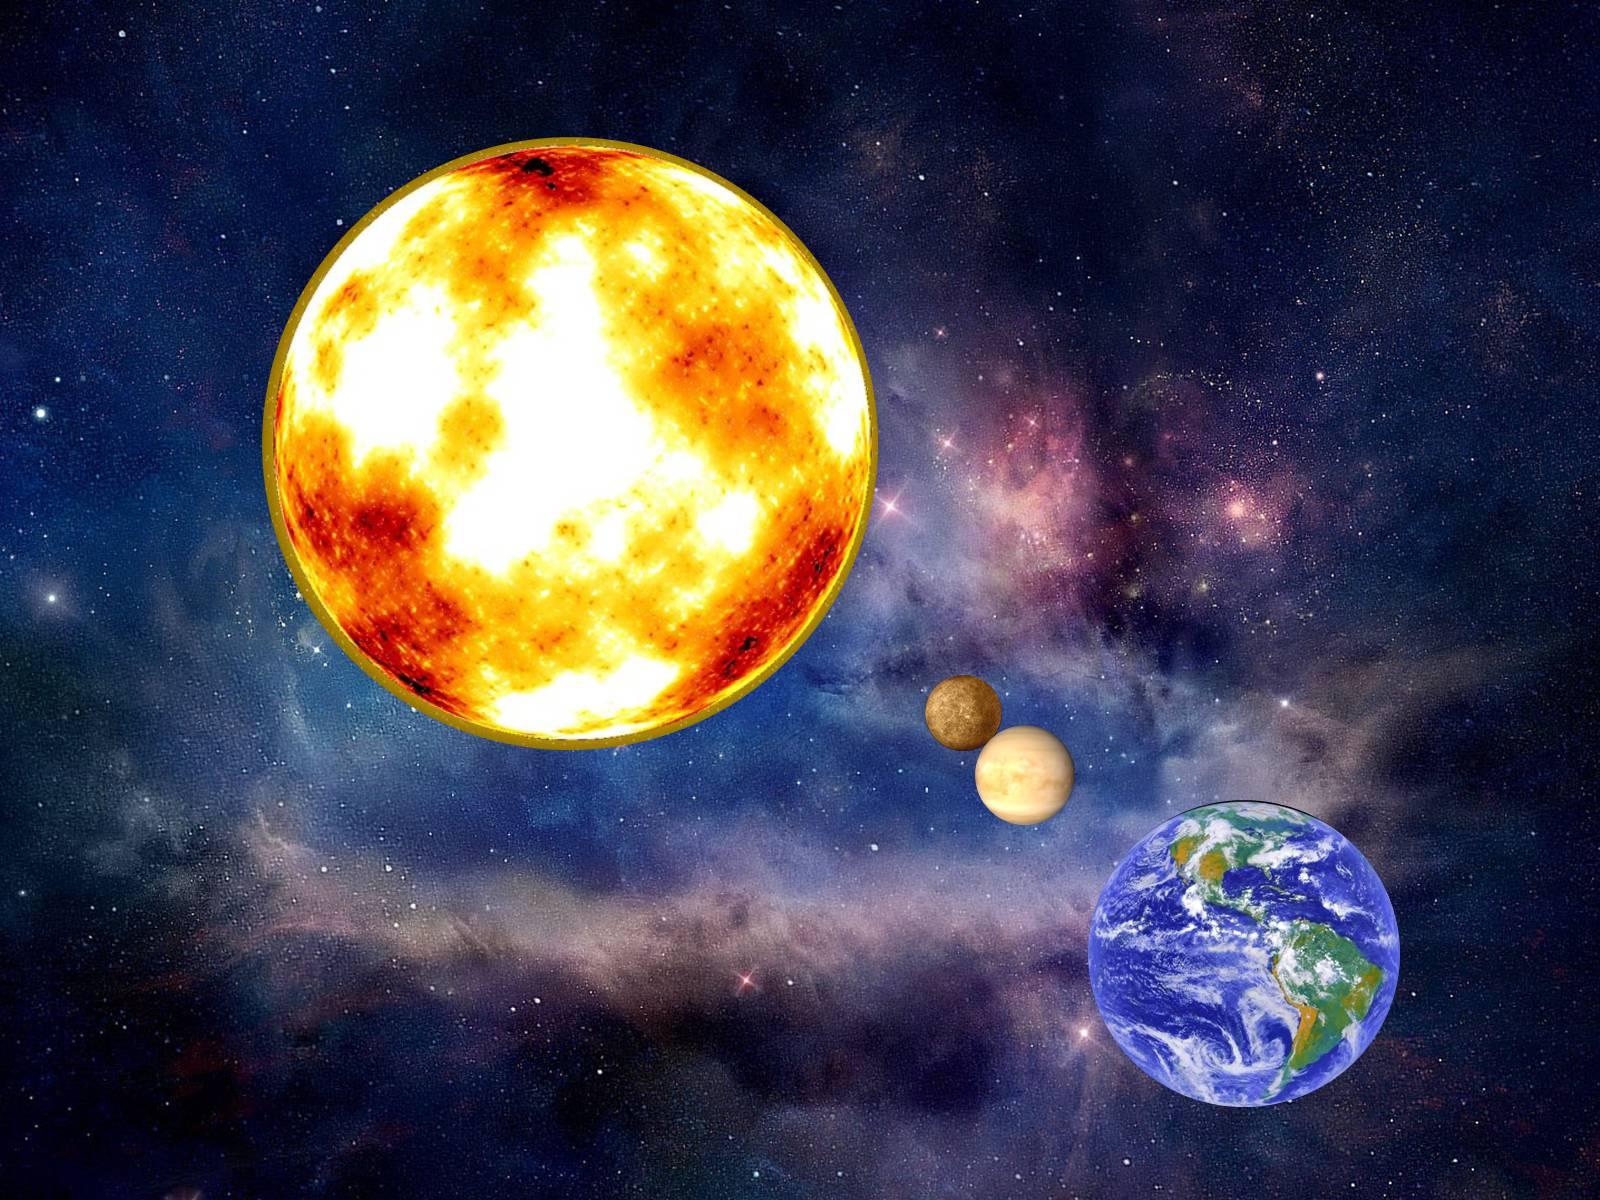 тогда картинки на тему звезды и солнце будто нарочно